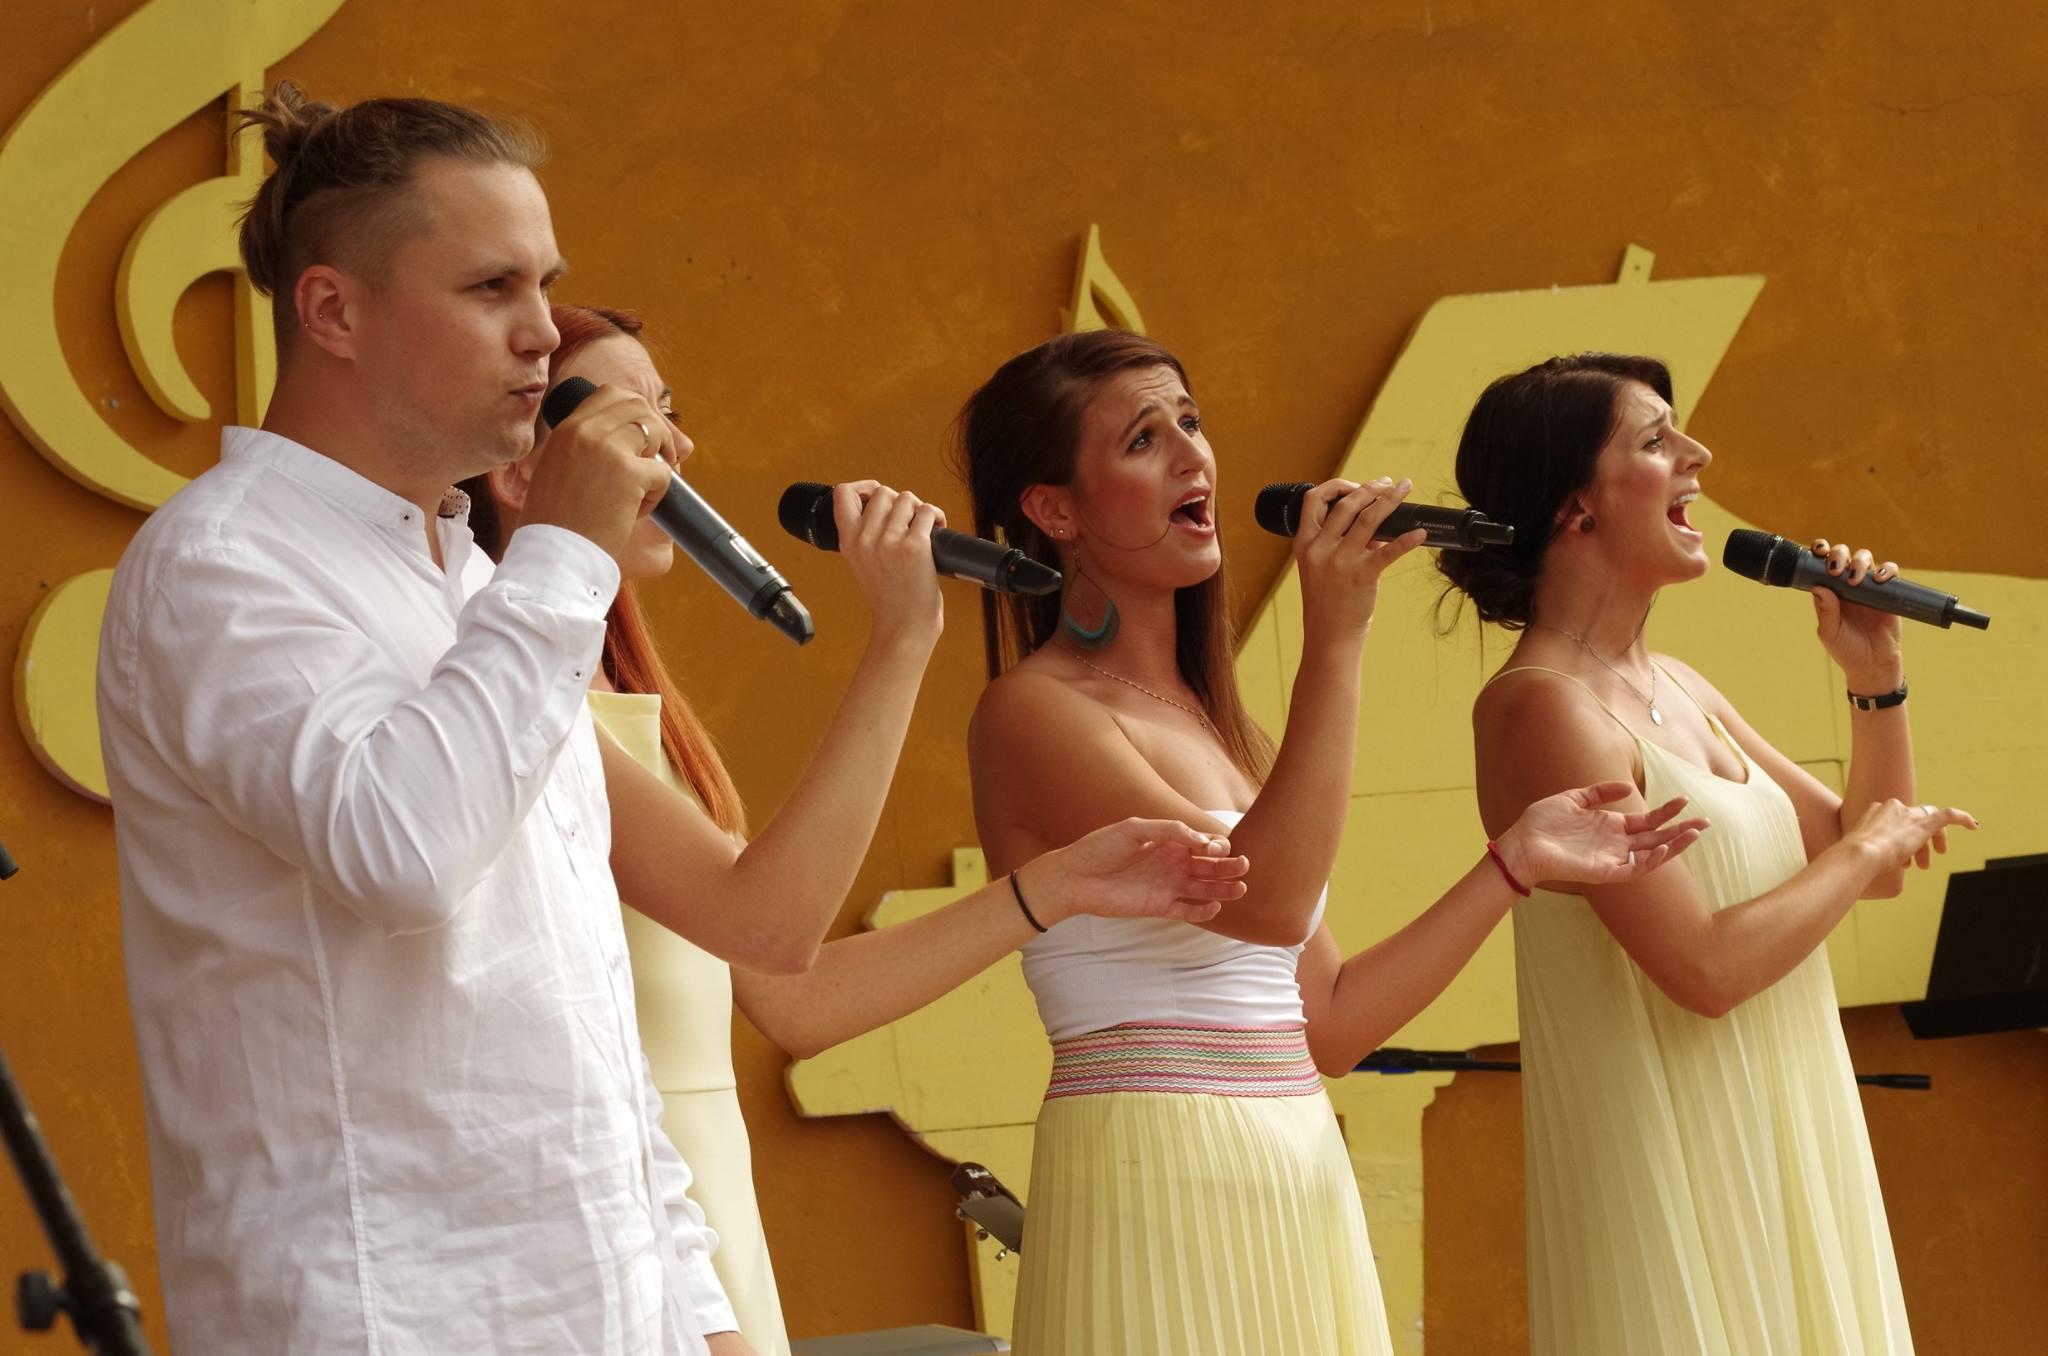 Turniej - Solosters (Kraków) (8)